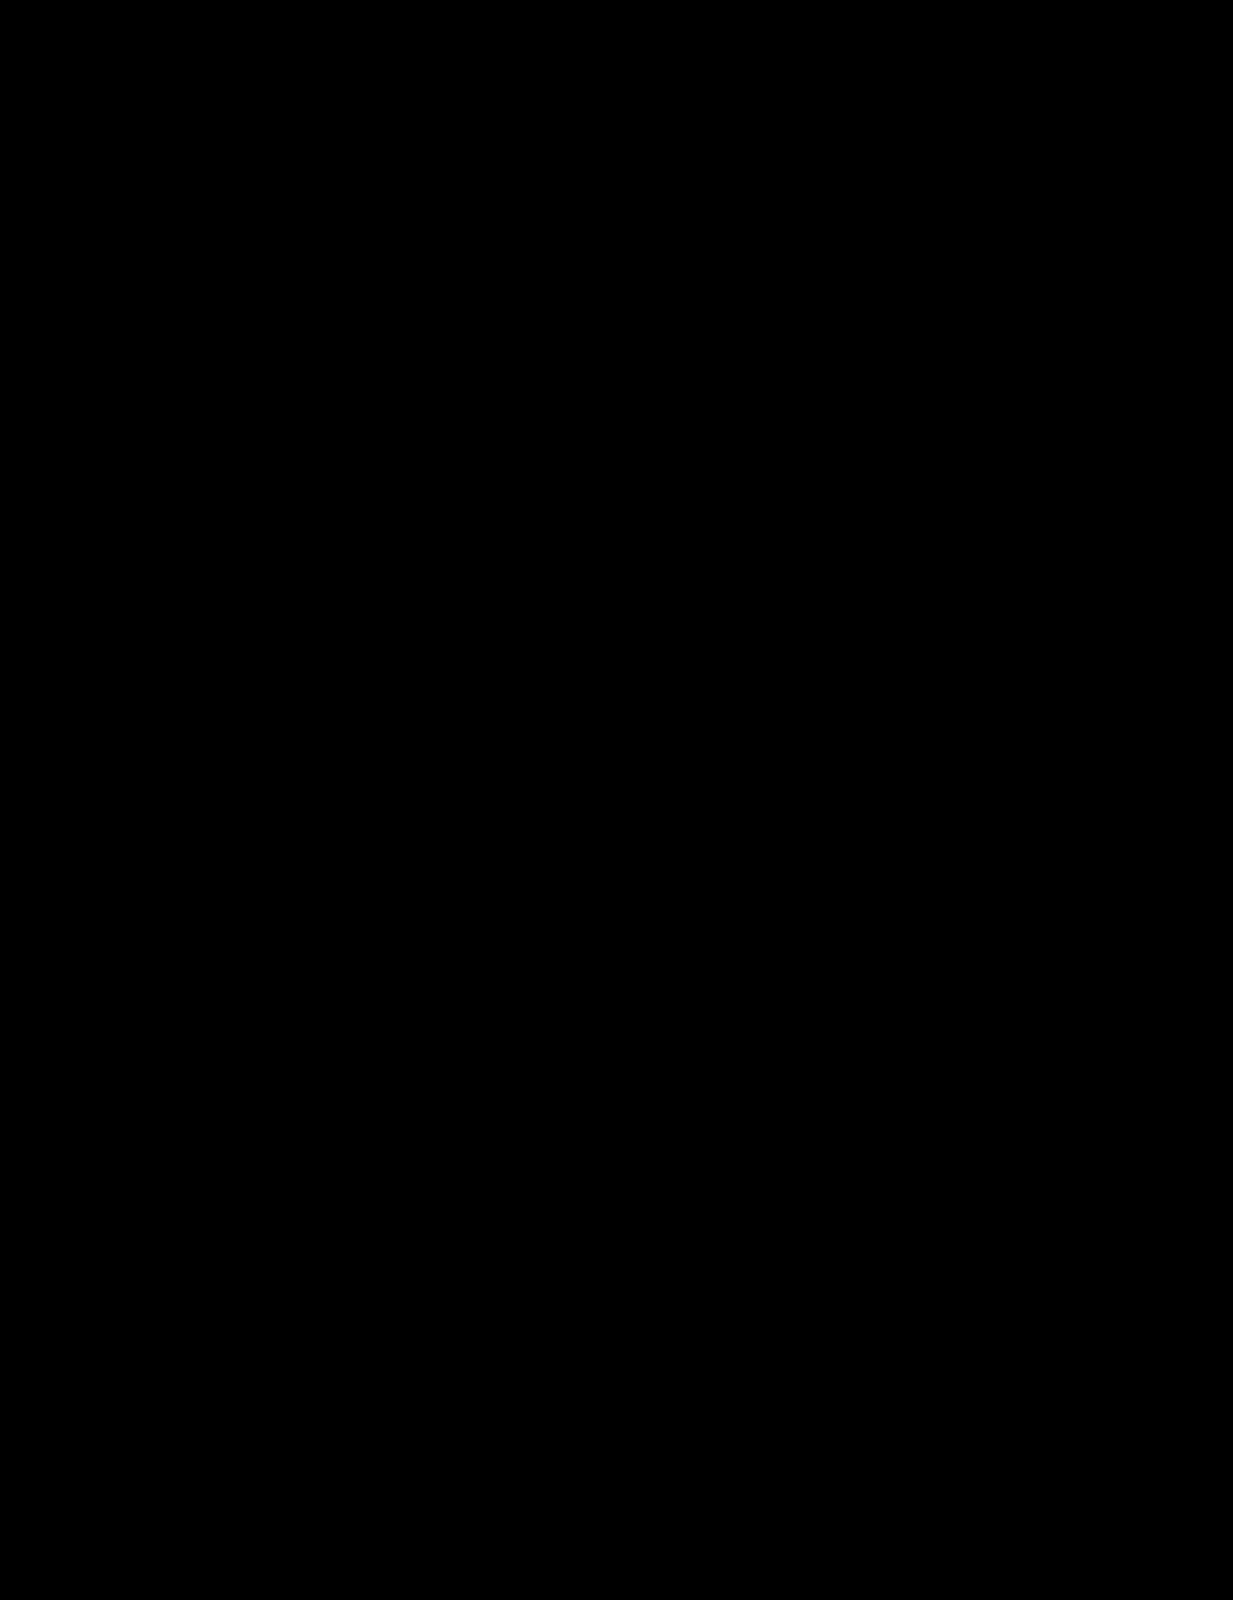 Bingkai Undangan PNG, Gambar Border Undangan Free Download - Free  Transparent PNG Logos